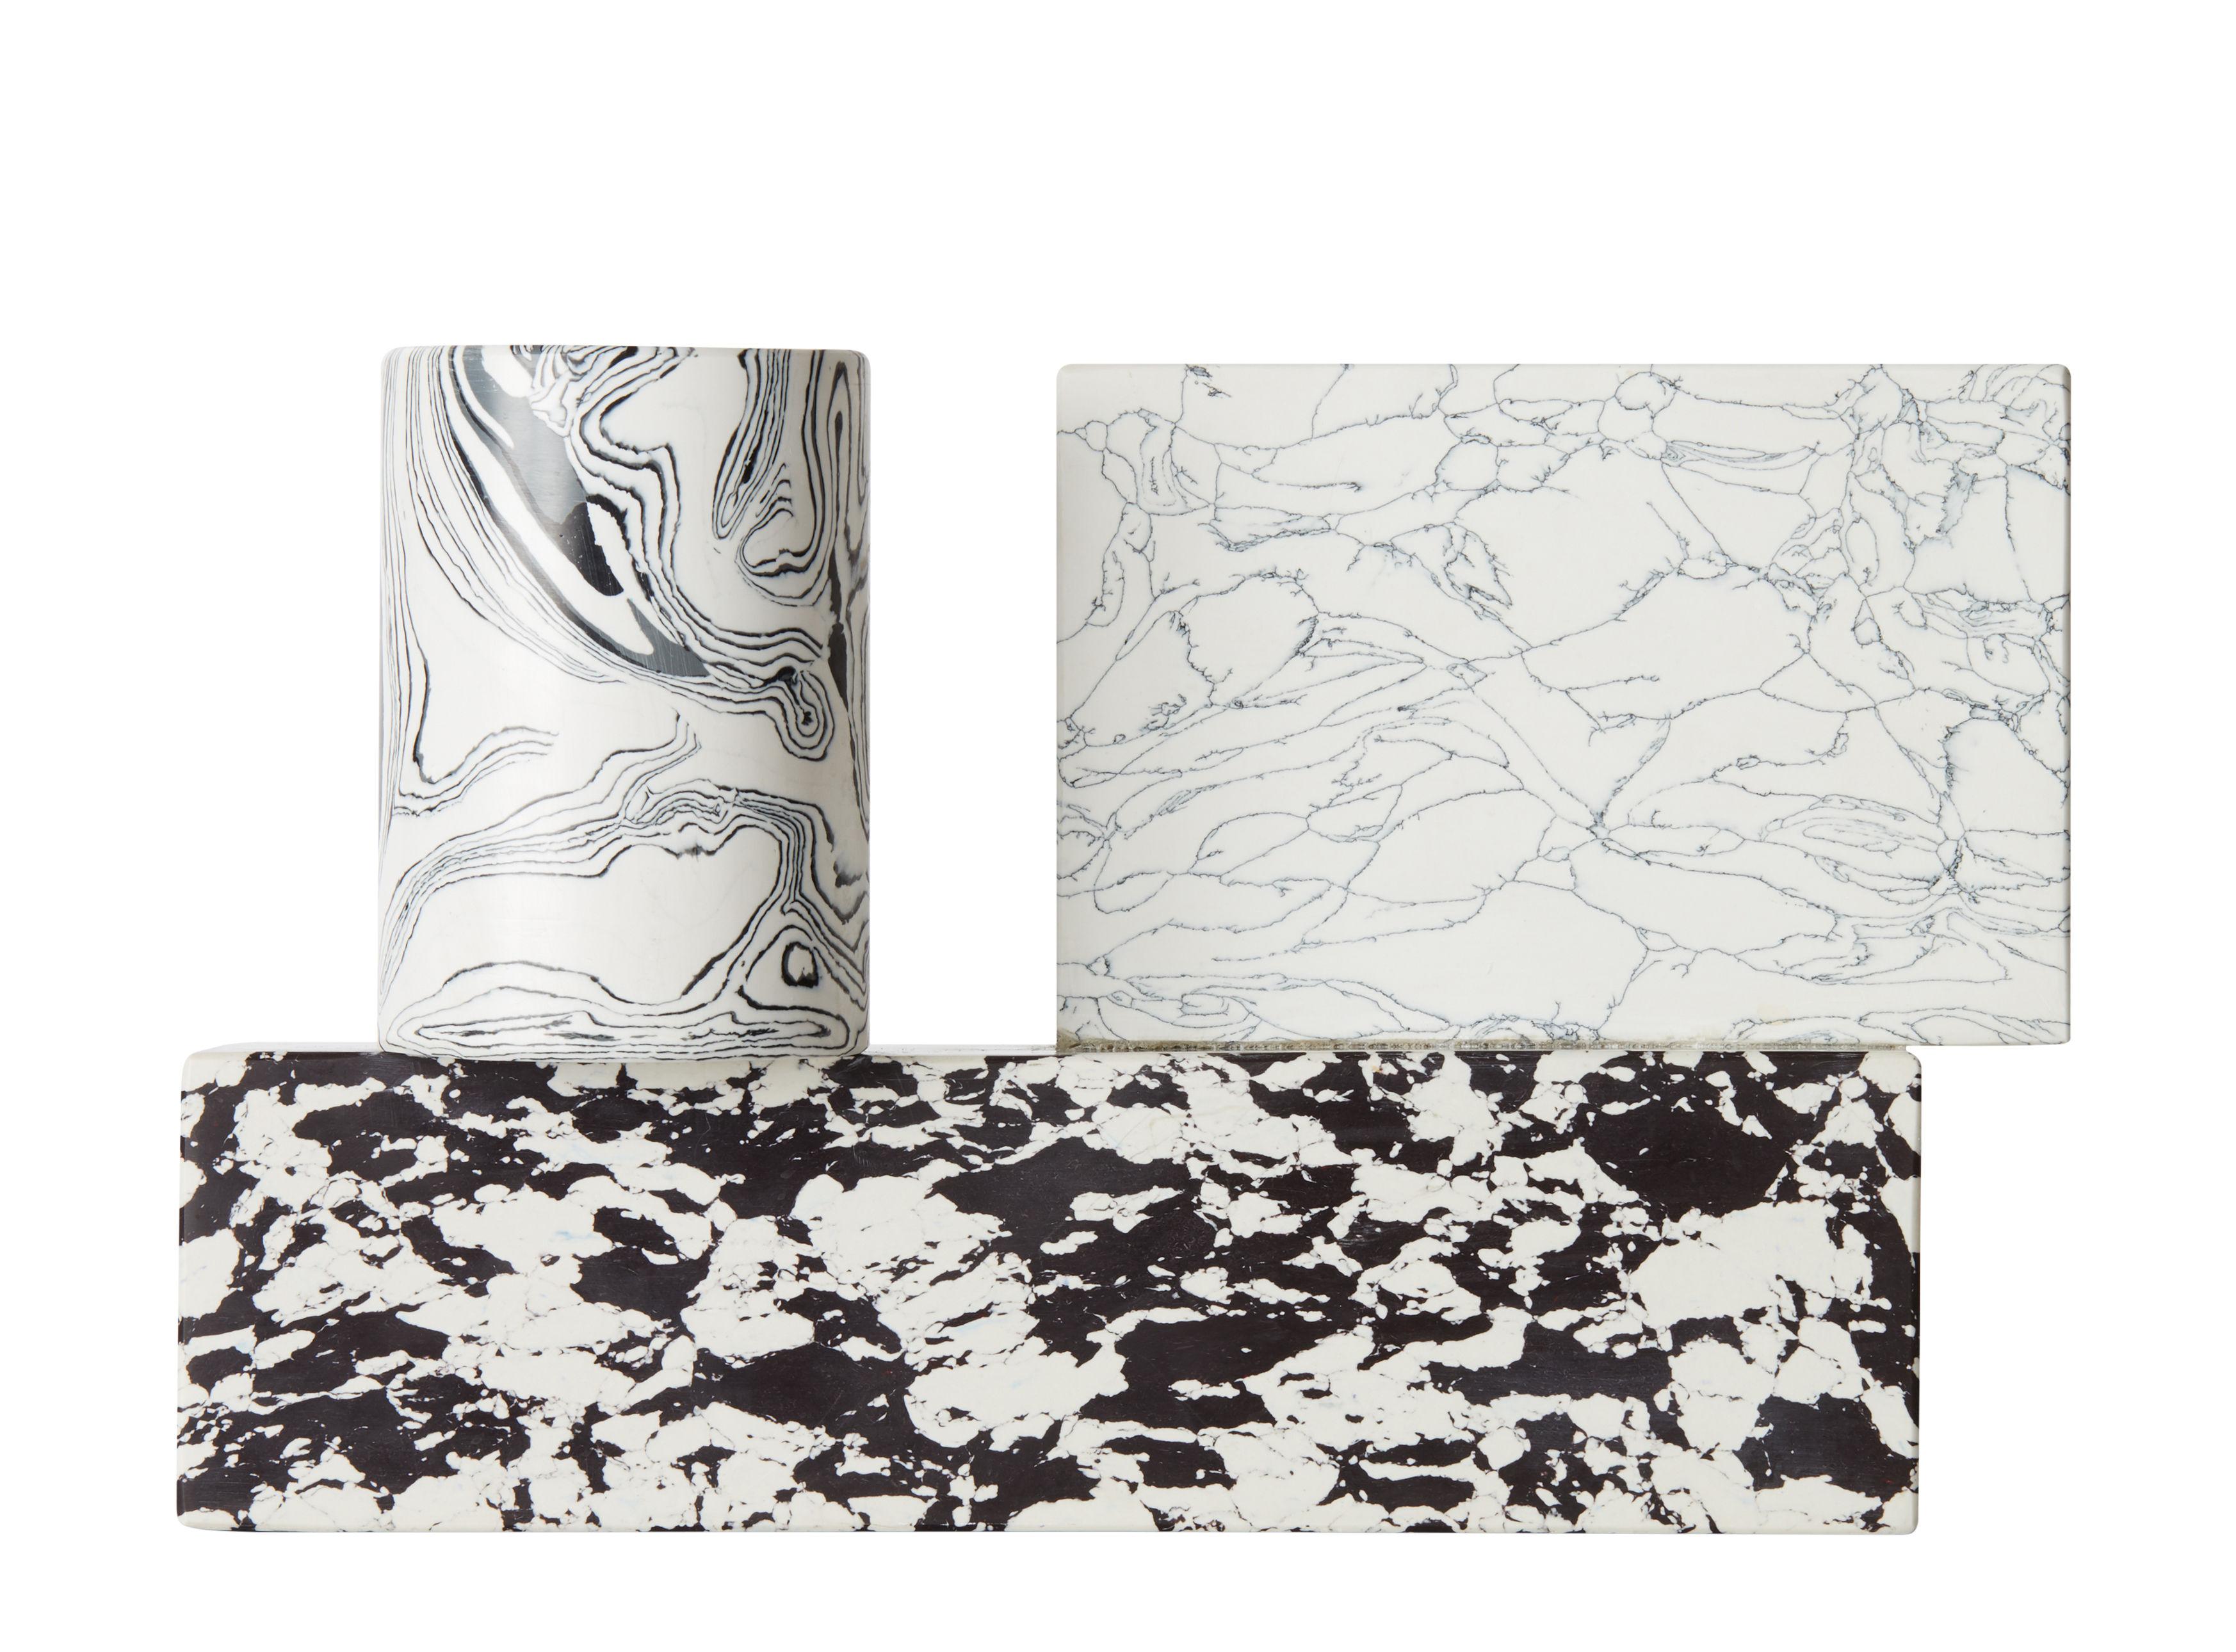 Dekoration - Kerzen, Kerzenleuchter und Windlichter - Swirl Kerzenleuchter / Marmor-Optik - Tom Dixon - Schwarz & weiß - Harz, Pigmente, Recyceltes Marmorpulver